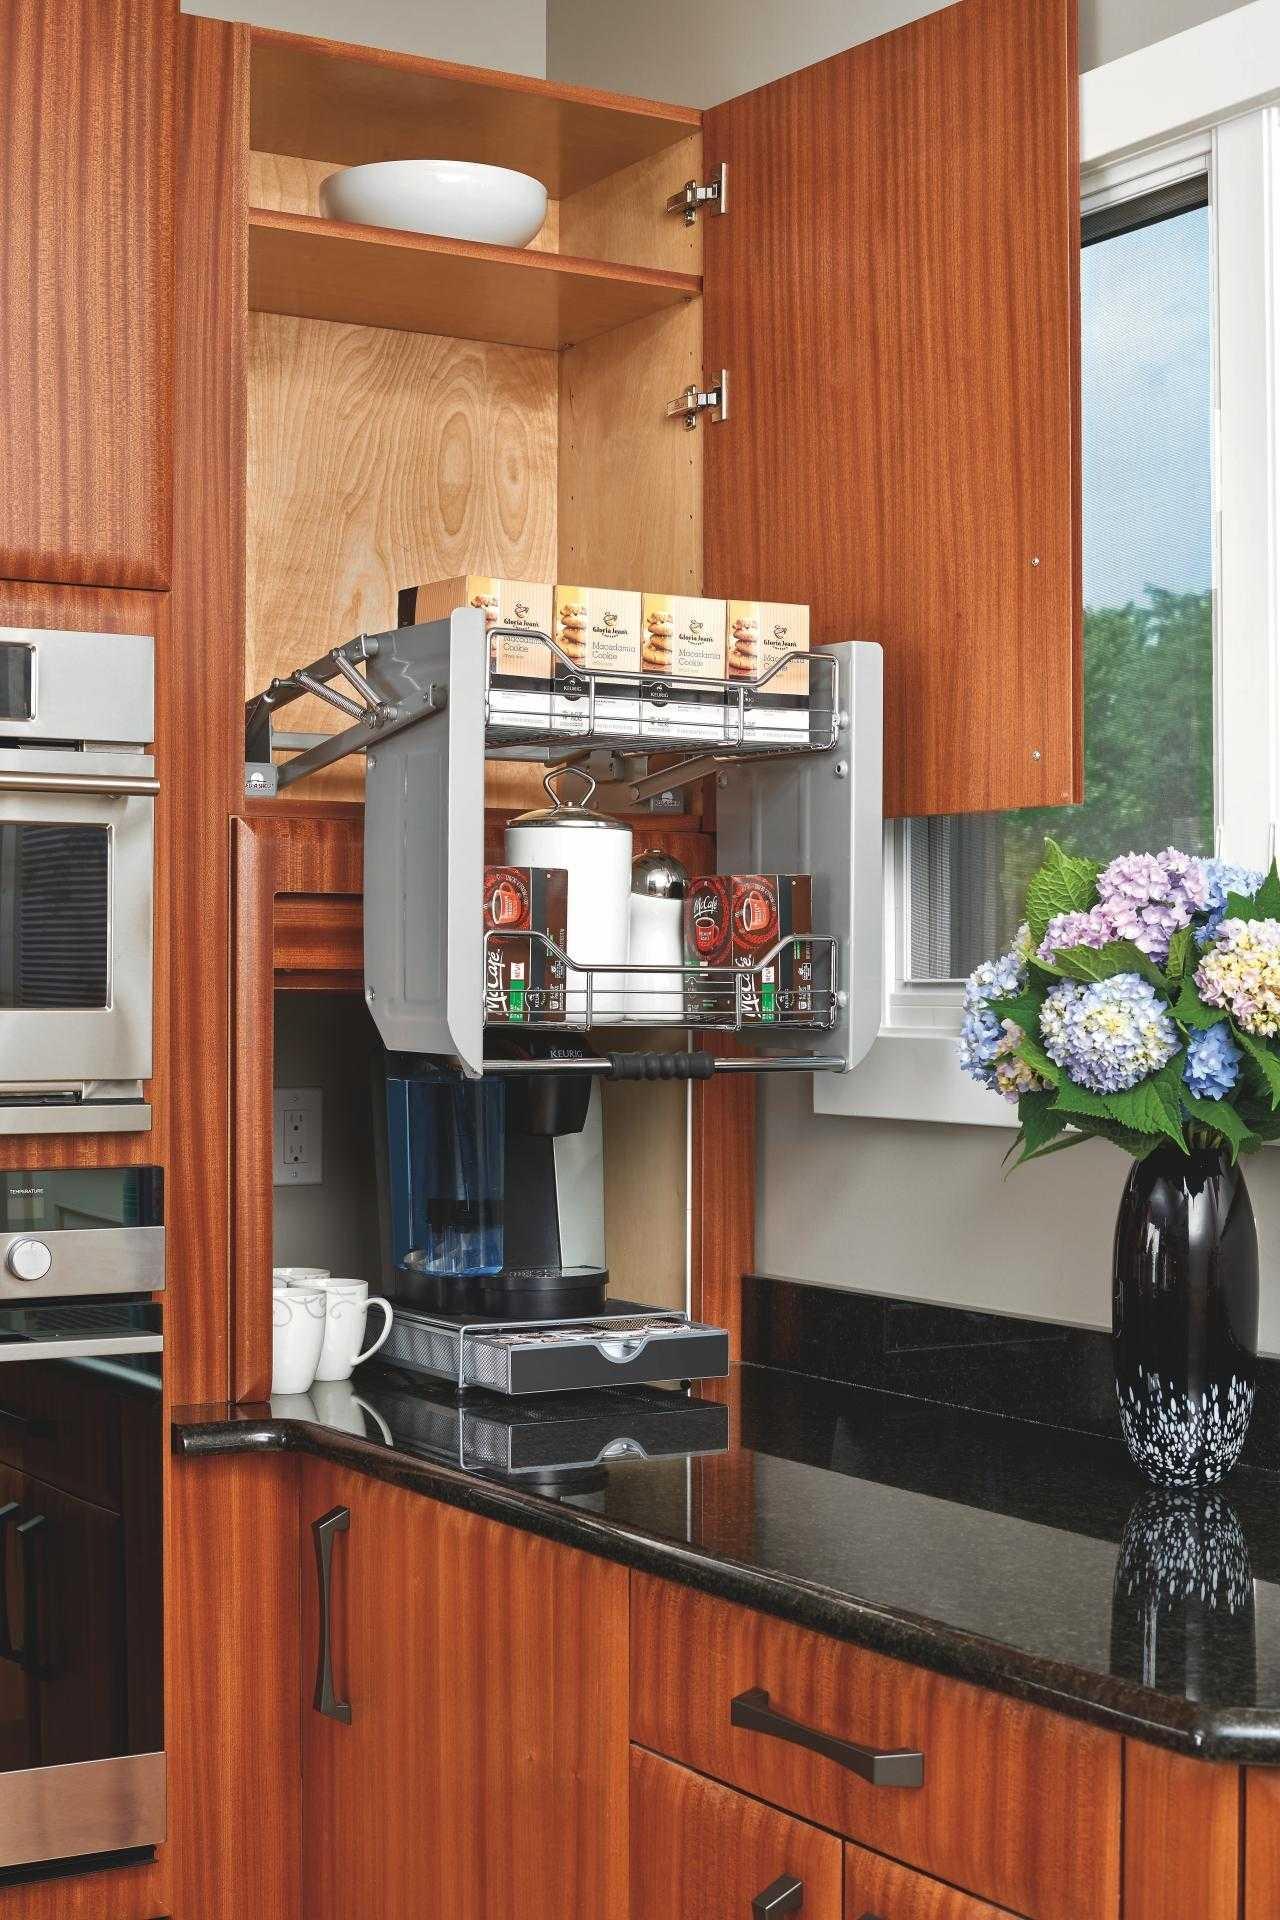 corner kitchen cabinet storage ideas - home design ideas plans